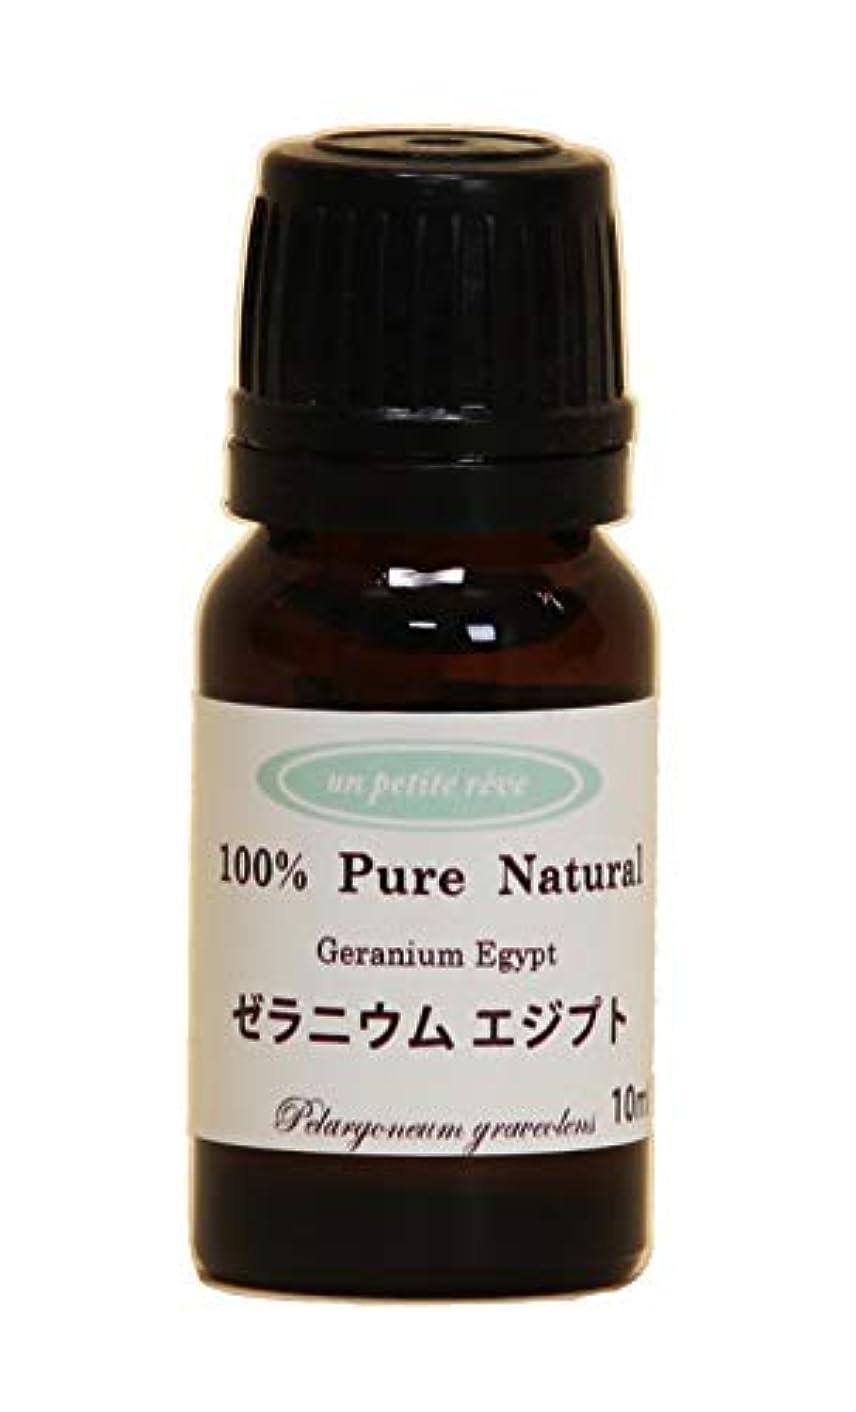 ブラシ吸い込む圧縮するゼラニウムエジプト 10ml 100%天然アロマエッセンシャルオイル(精油)